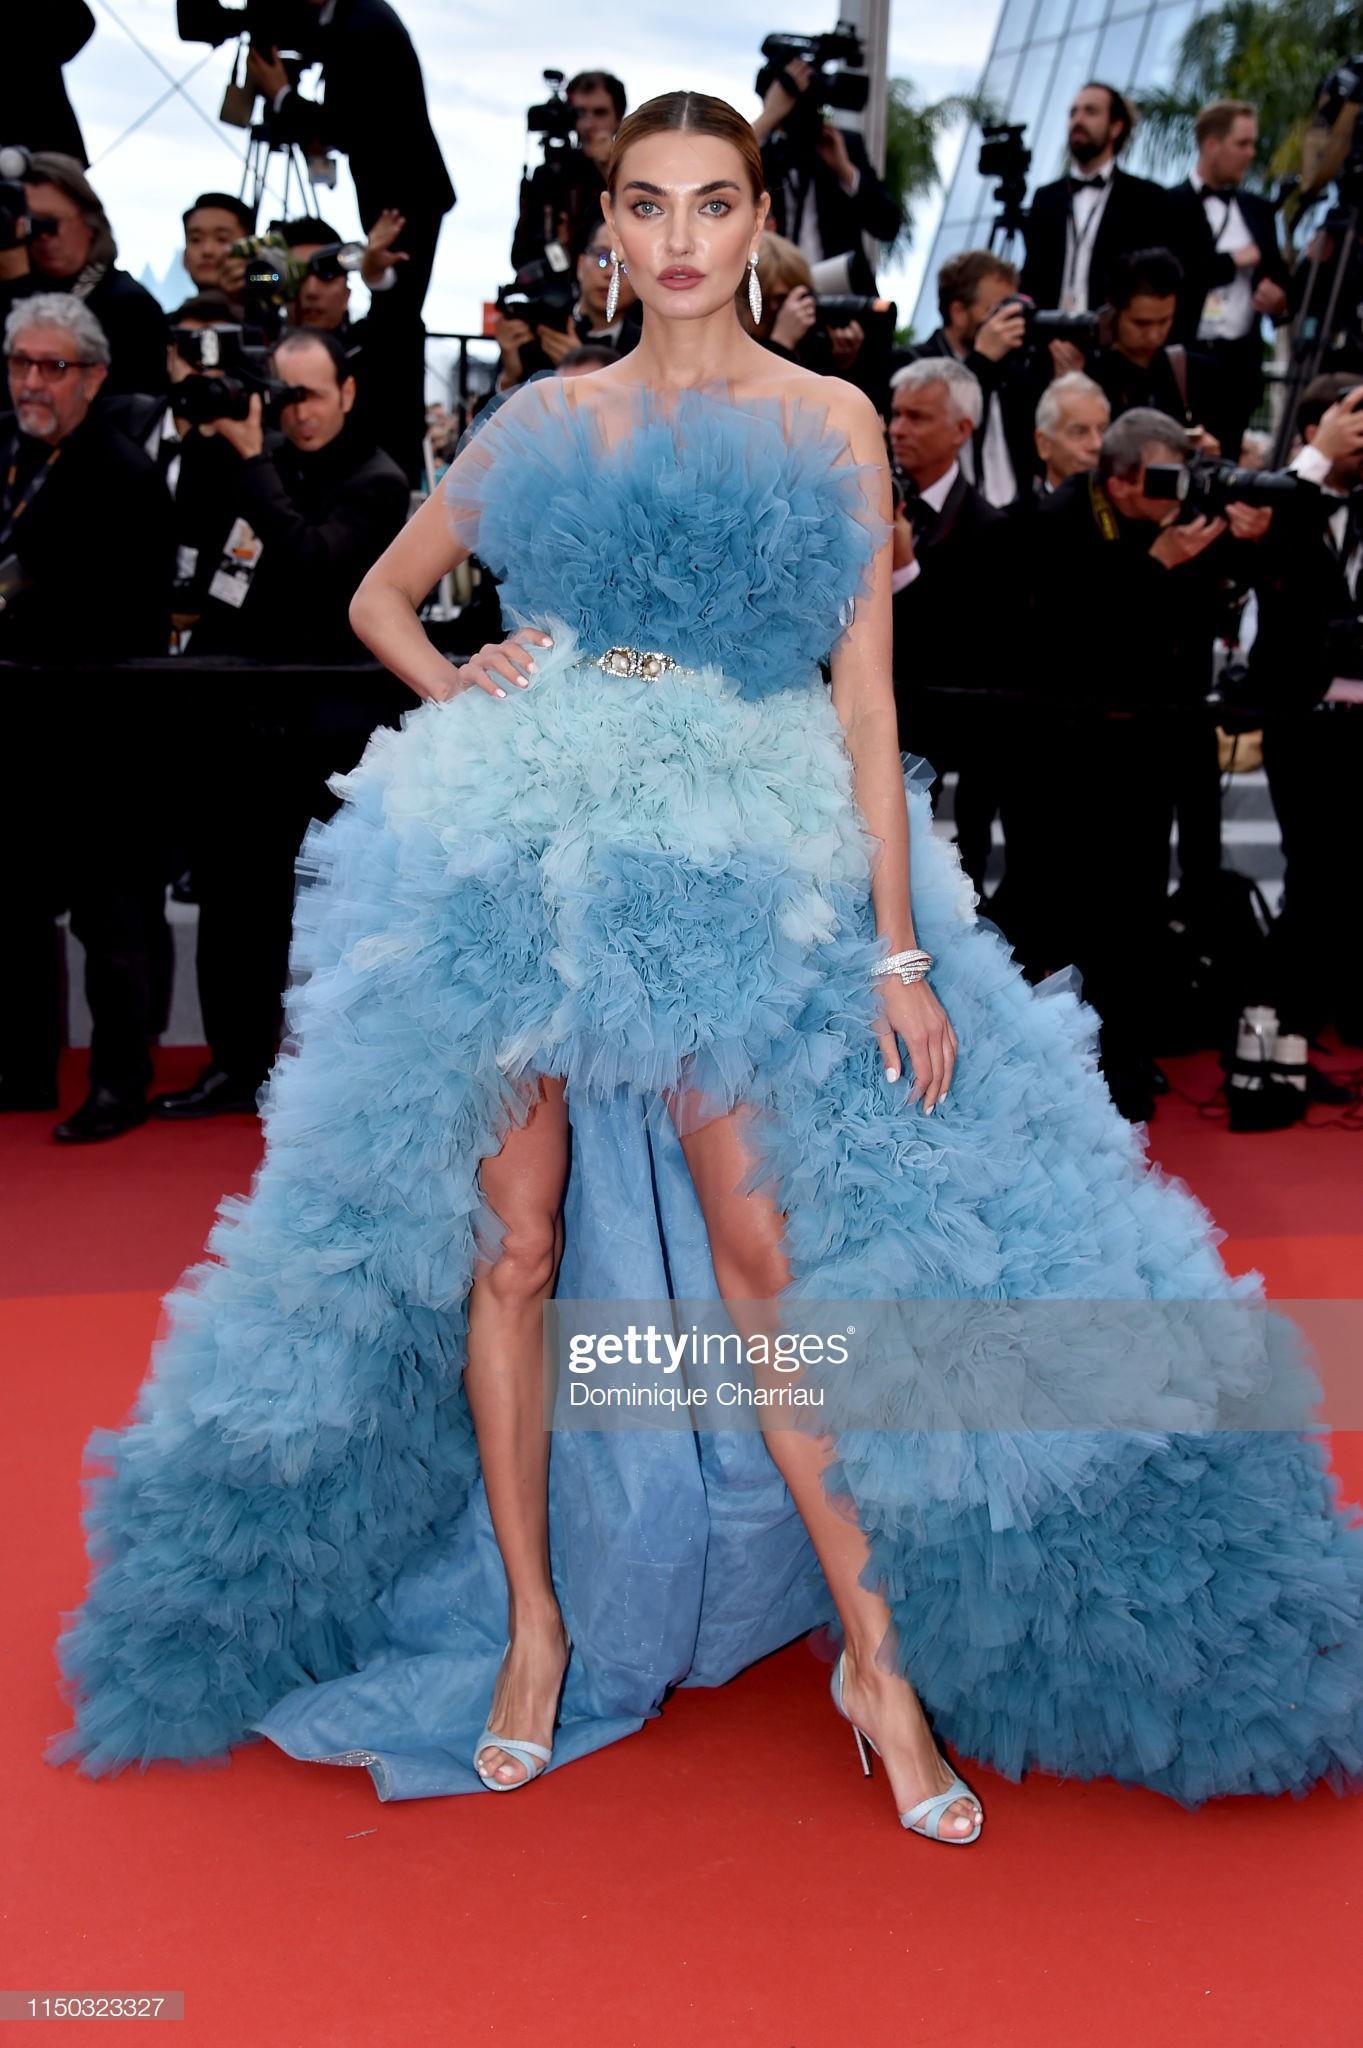 Những bộ váy cồng kềnh nhất thảm đỏ Cannes 2019 Ảnh 7